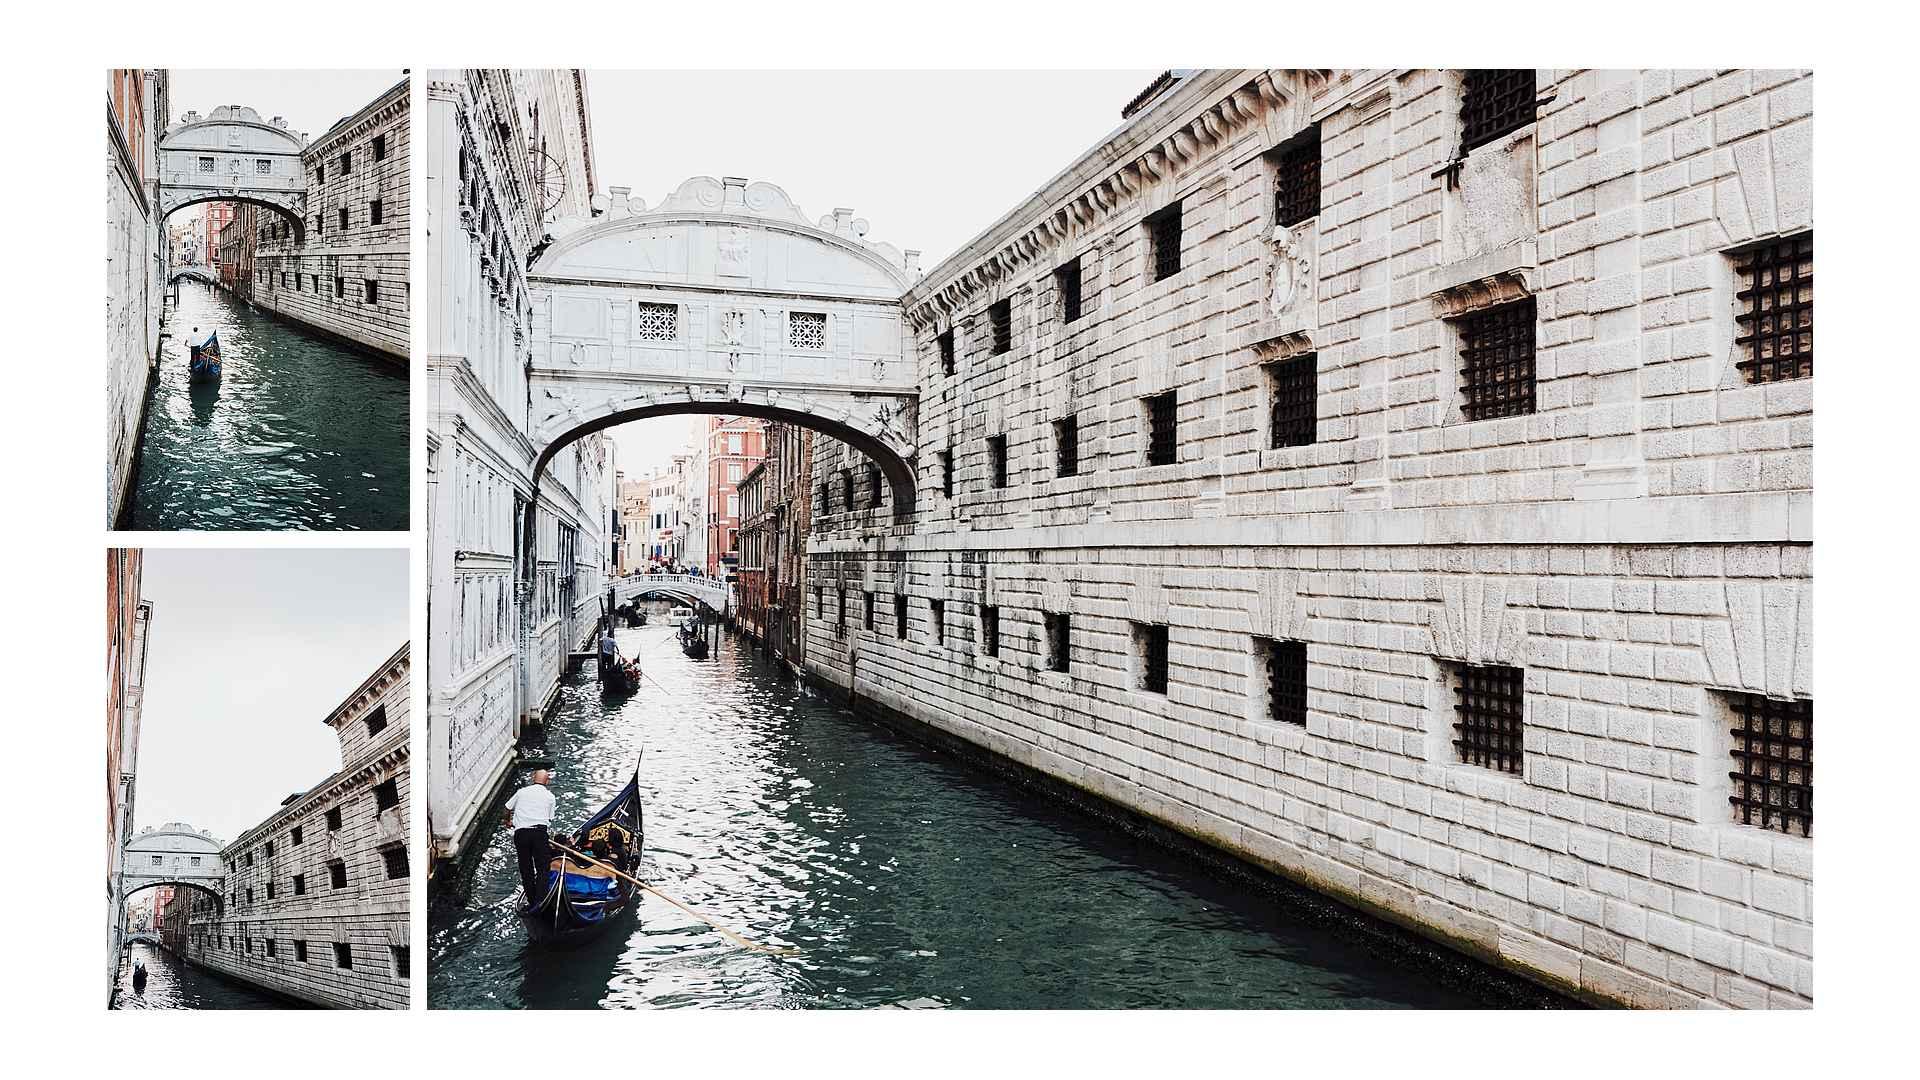 El puente de los suspiros - Descubre Venecia - Live your Life - José Álvarez Fotografía